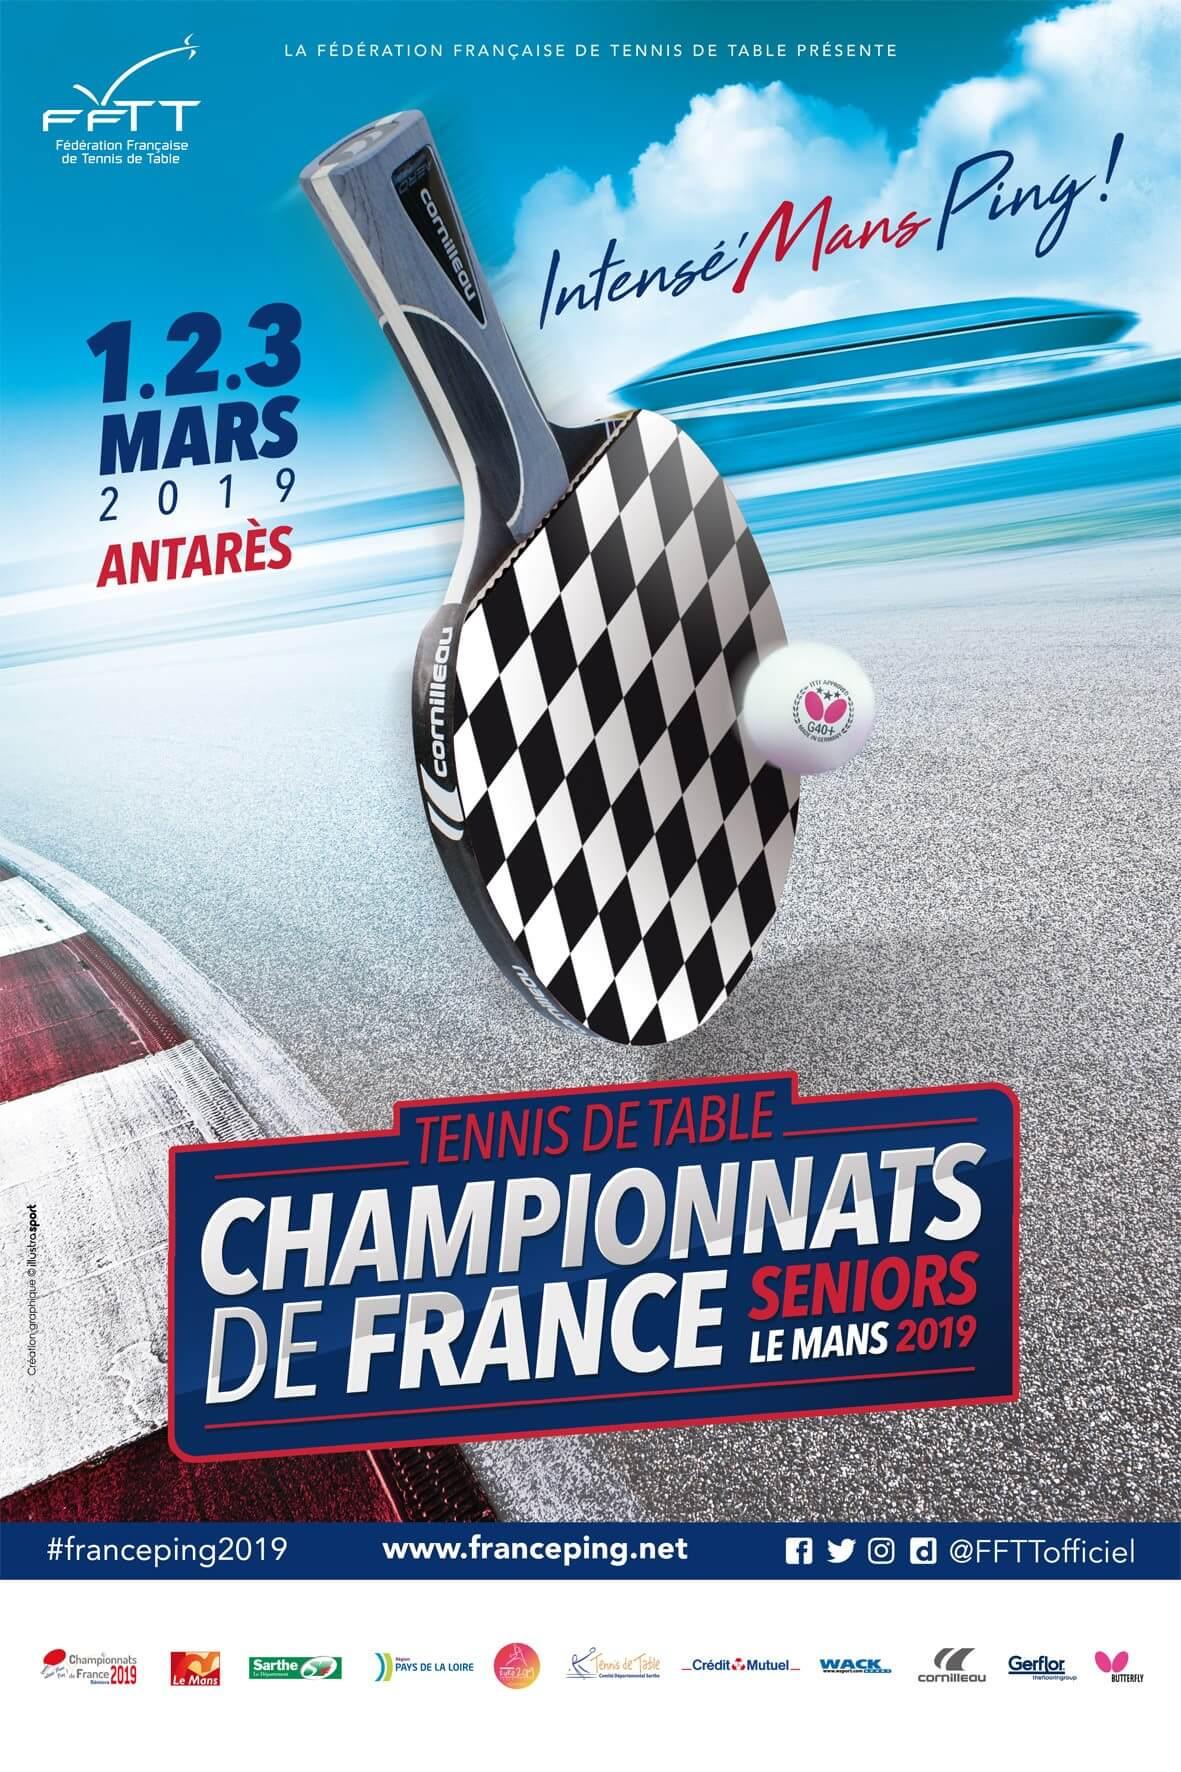 championnat-de-france-seniors-2019-affiche